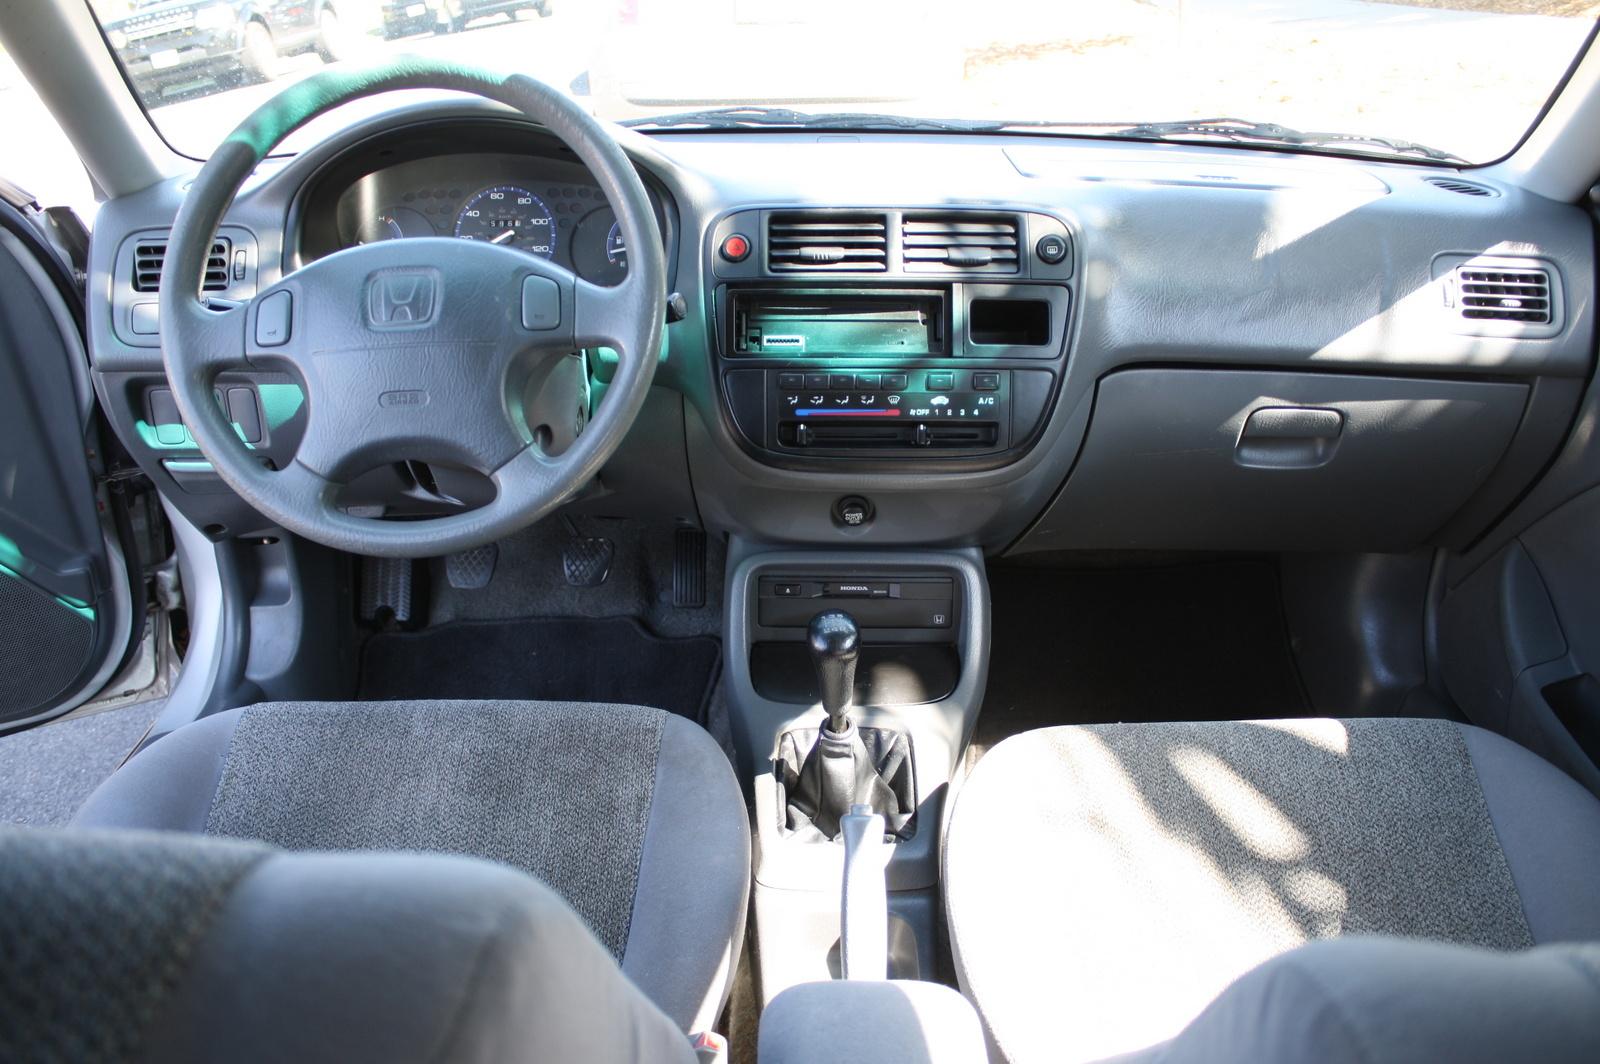 1996 honda civic interior pictures cargurus - 1996 honda civic hatchback interior ...